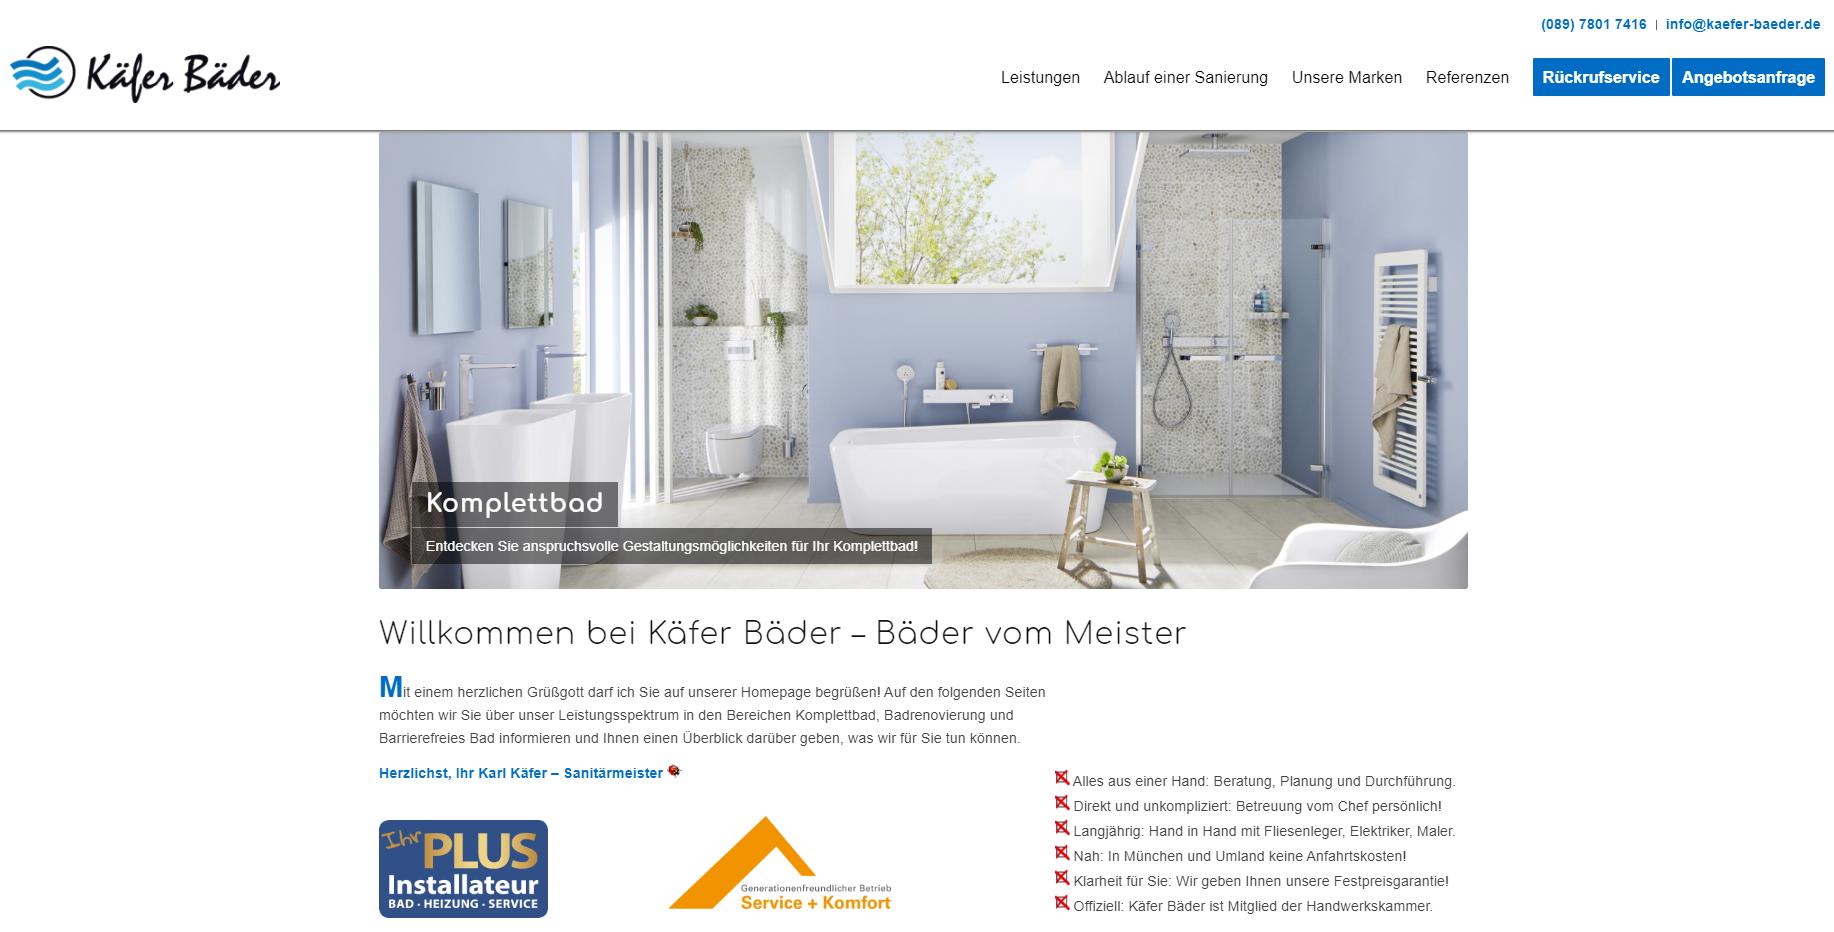 Webseite Käfer Bäder Sanitär-Meisterbetrieb